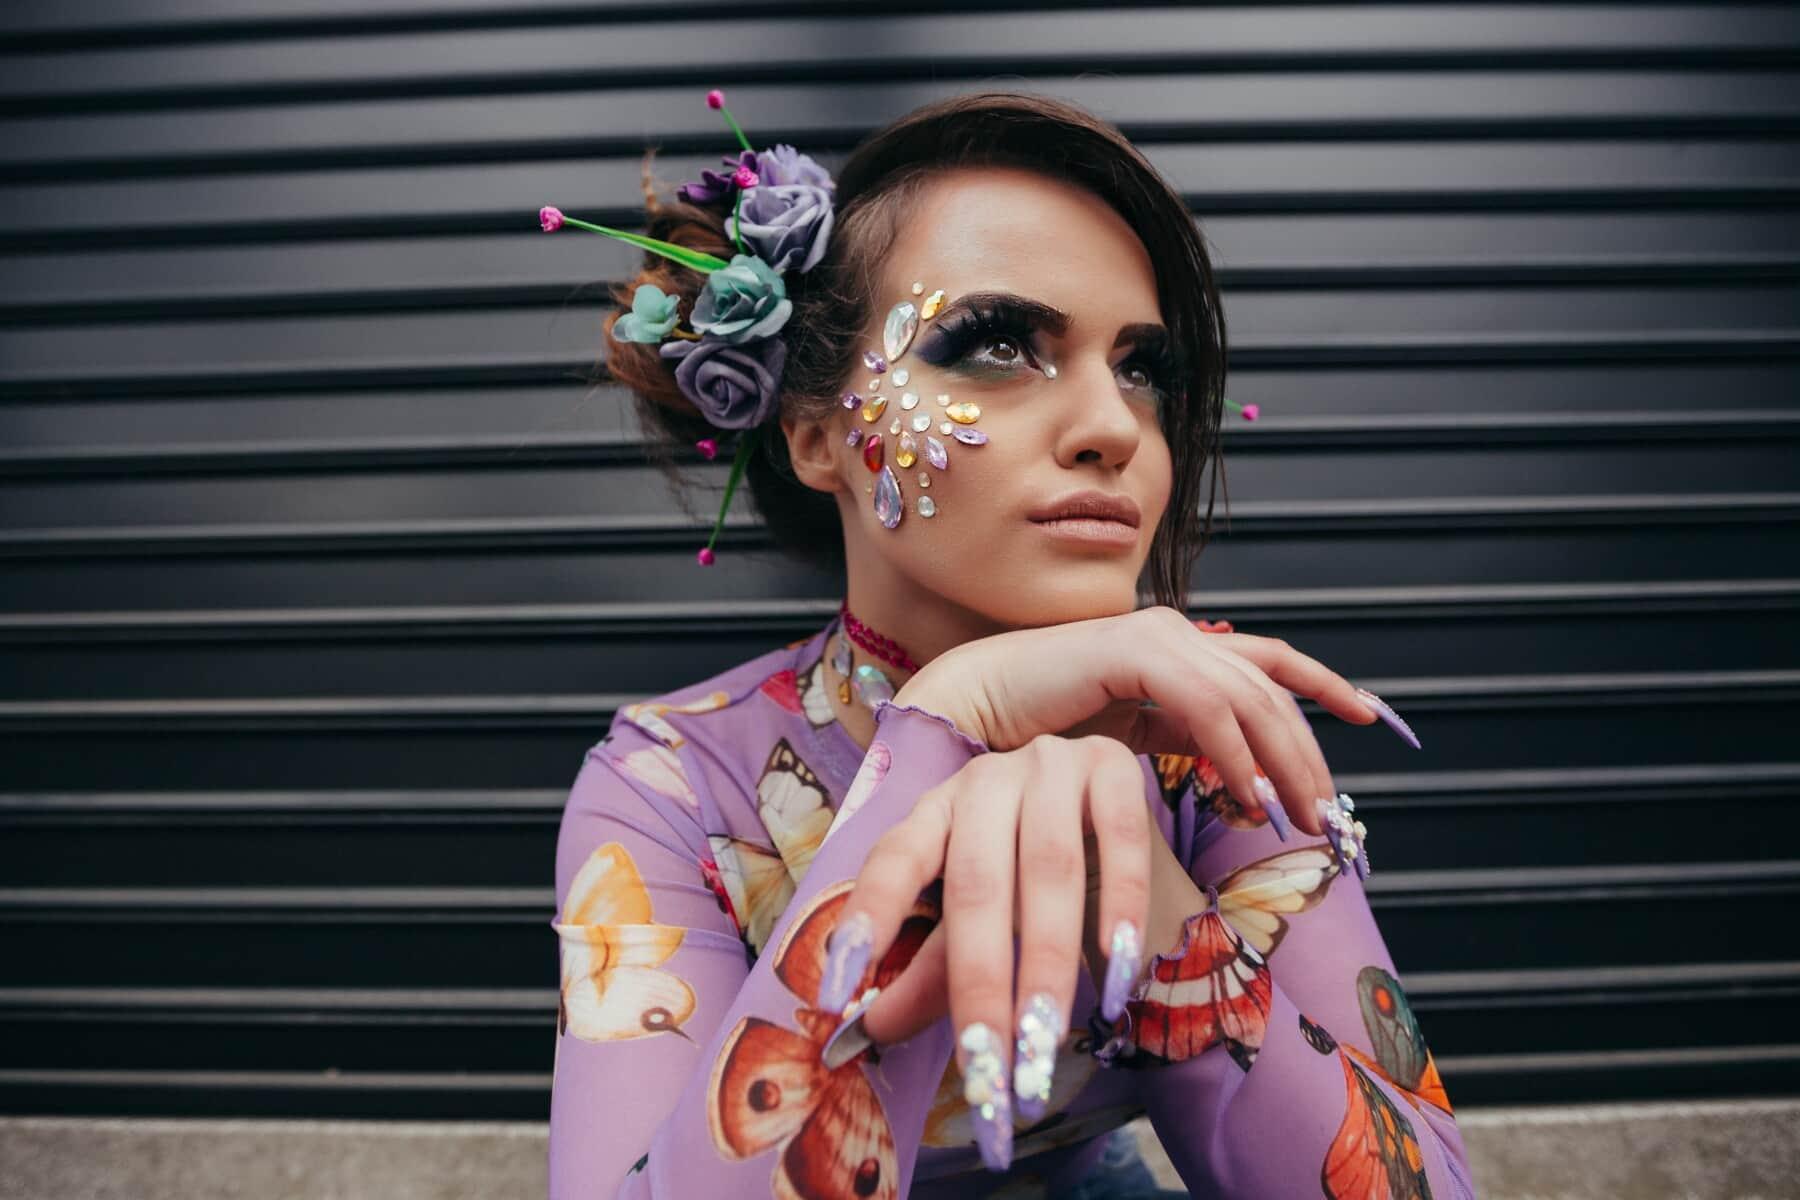 przepych, makijaż, lakier do paznokci, Biżuteria, portret, nastolatek, Kosmetyki, Ładna dziewczyna, fryzurę, mody